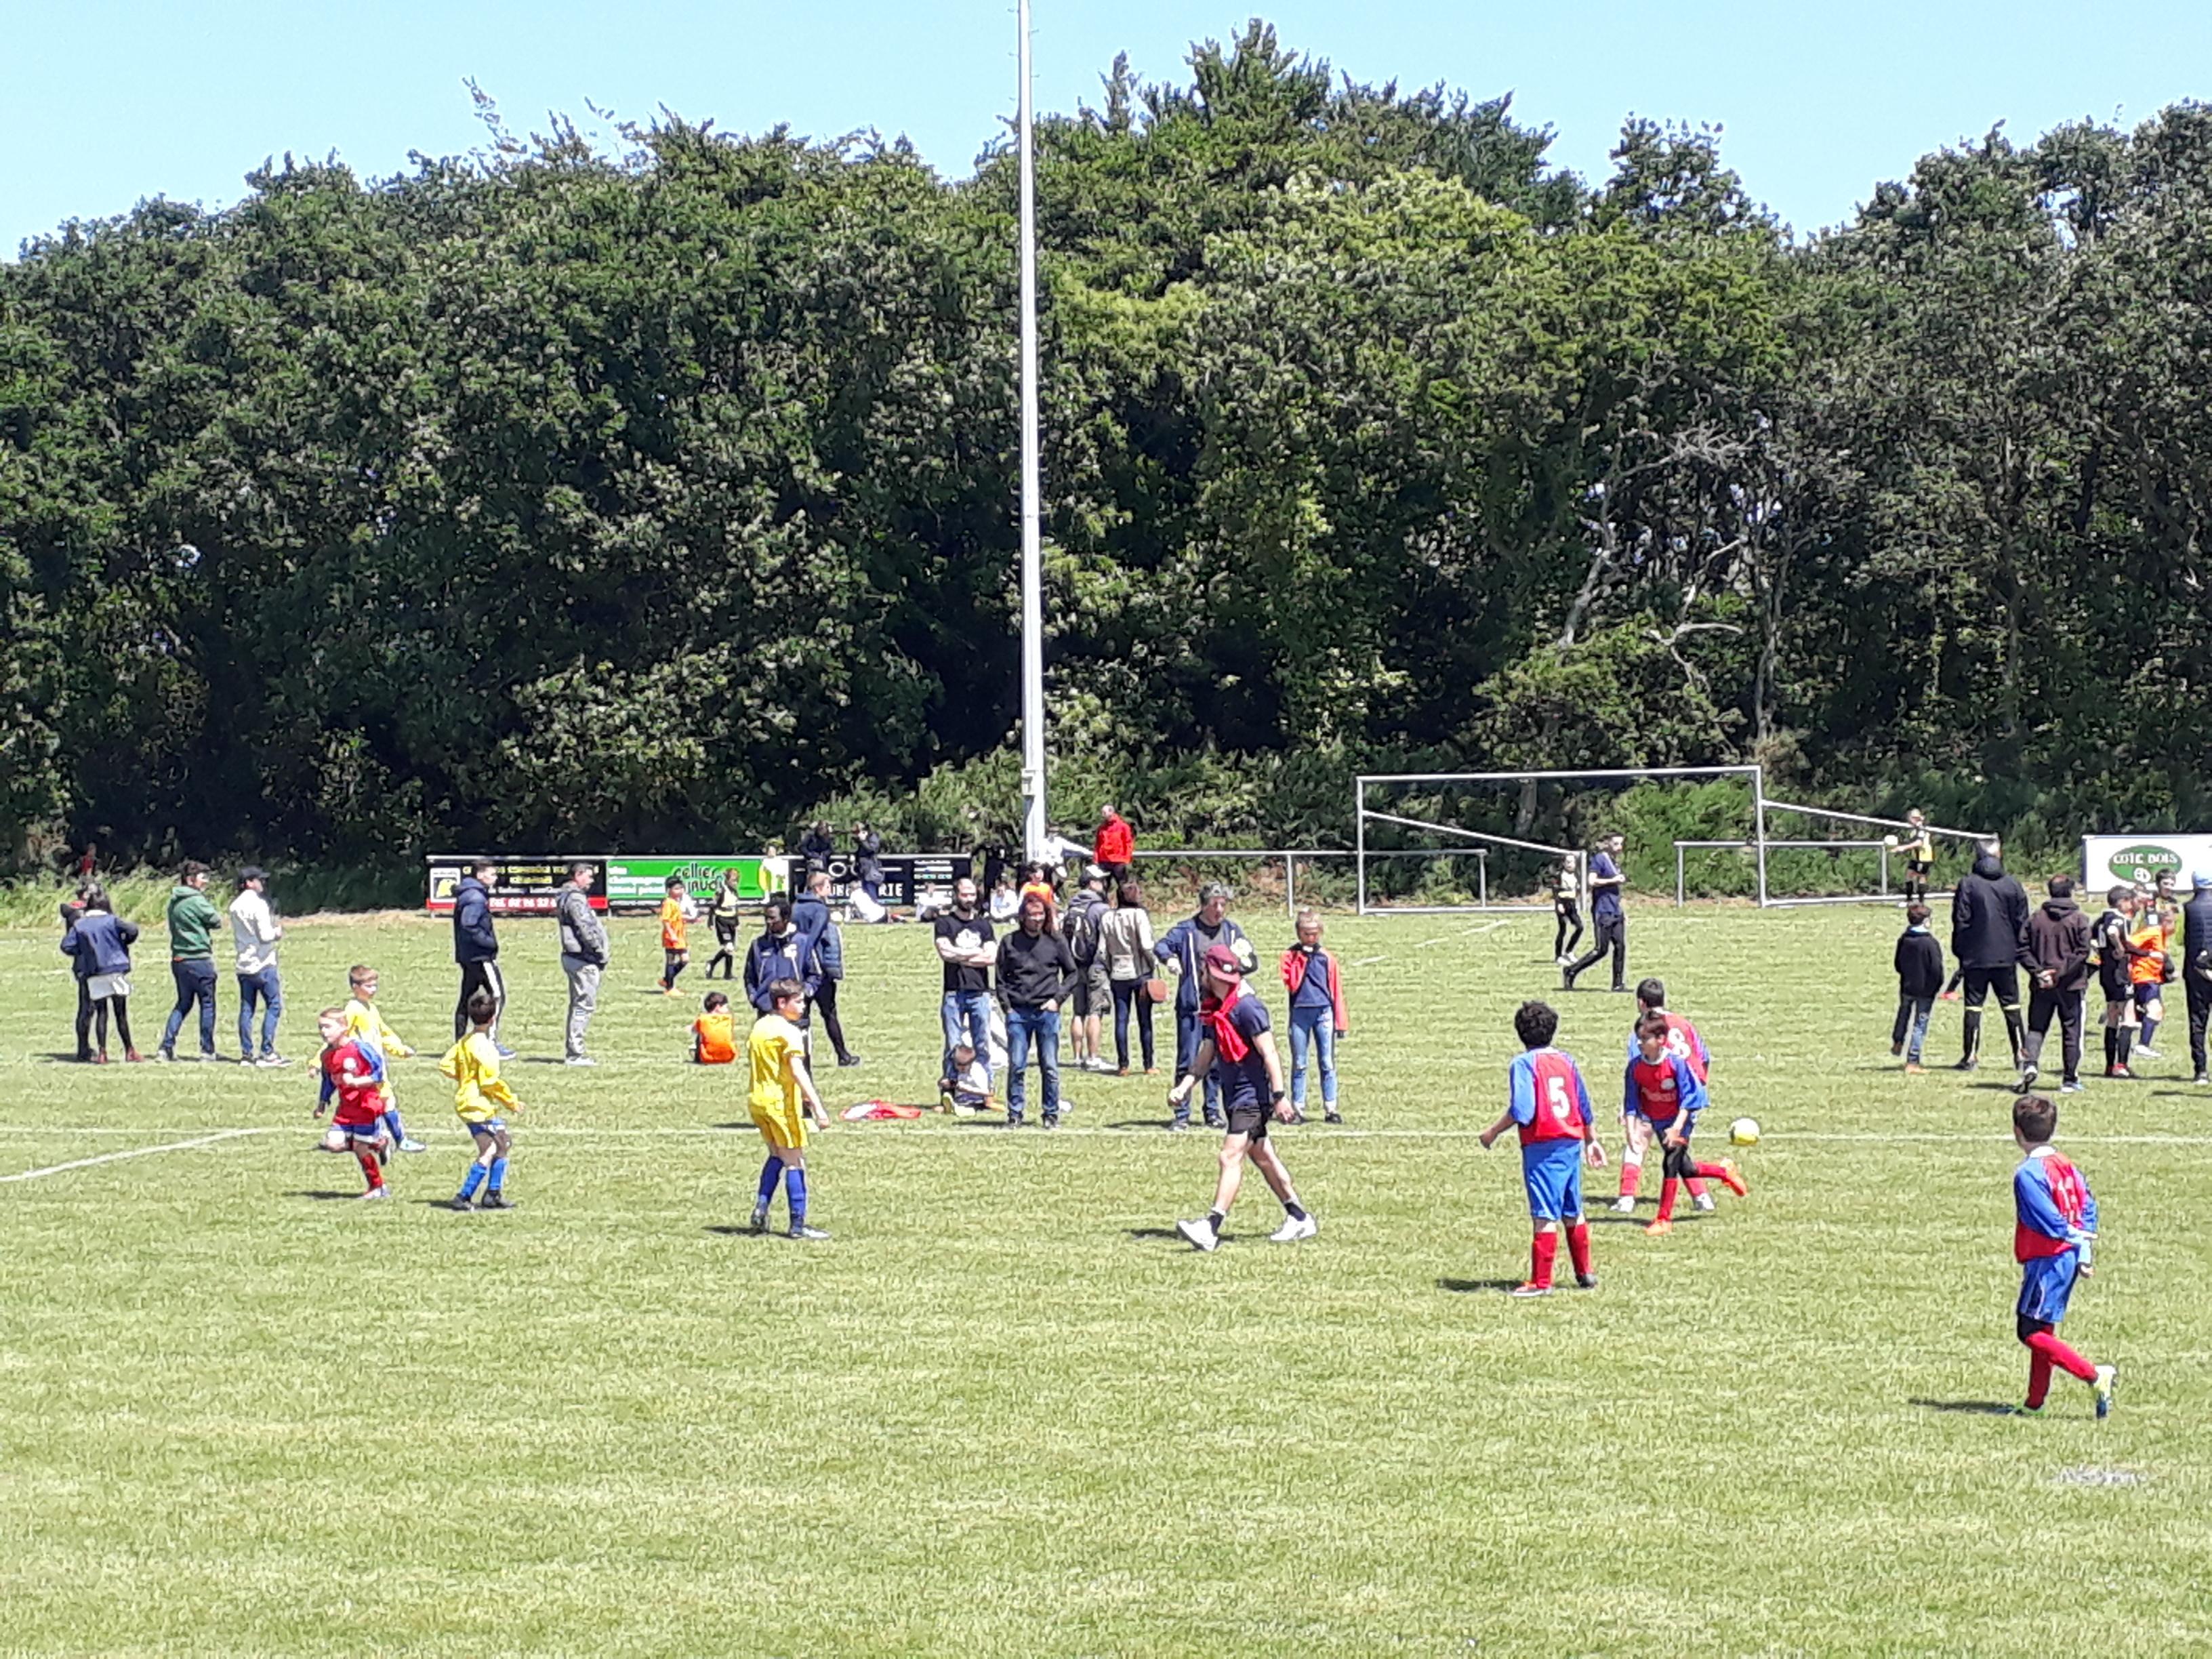 FCTT Le tournoi de foot des jeunes  a attiré beaucoup de monde au stade municipal  samedi 8 juin                   Trévou